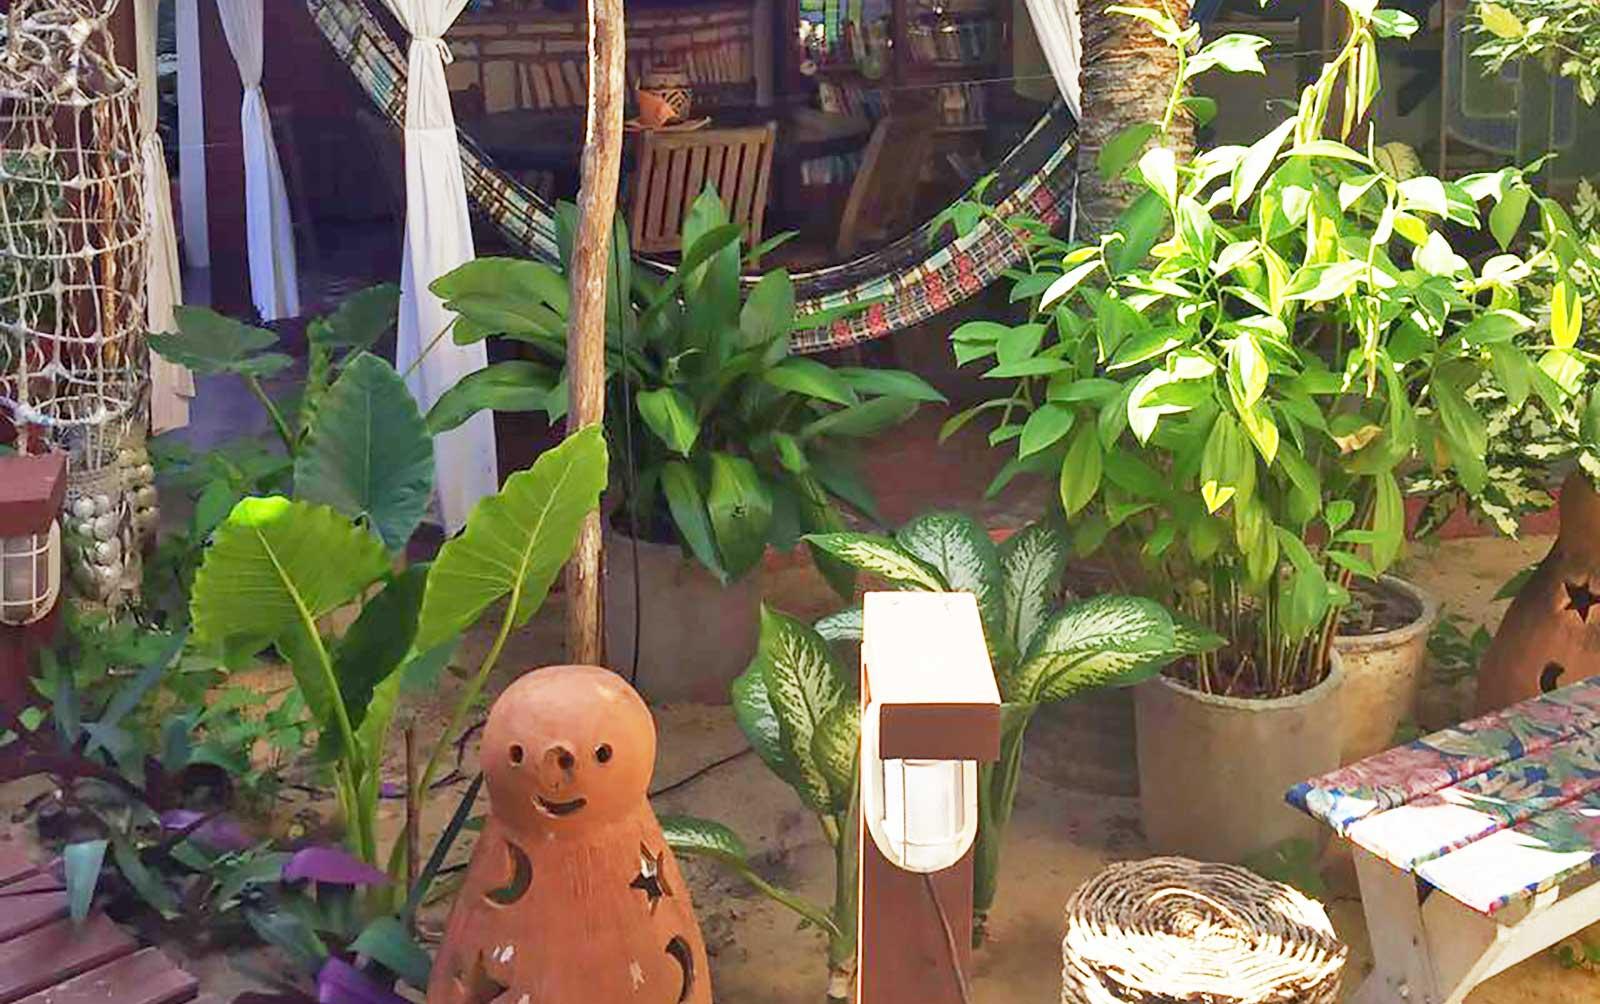 Dica de hospedagem em Jericoacoara ideal para uma viagem em família